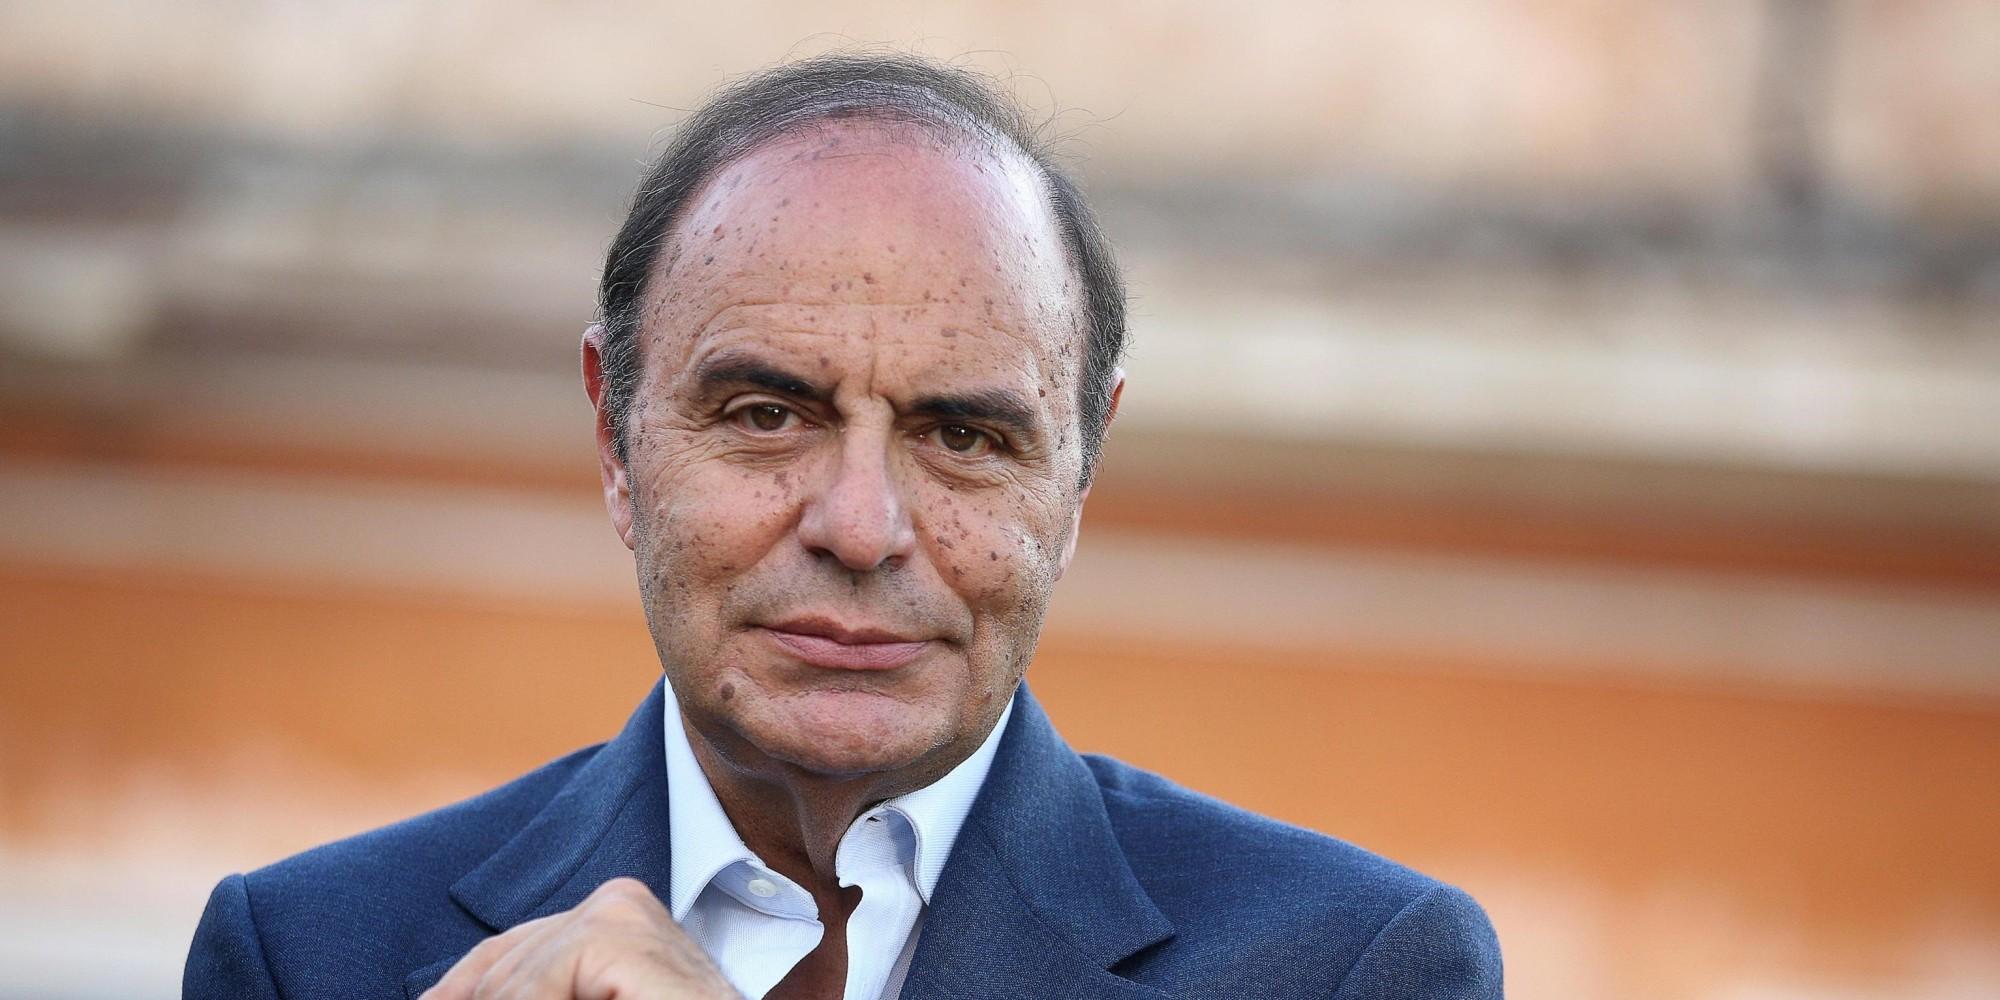 """Bruno Vespa, tagliati i ceppi della sua vigna in Puglia. """"Piccoli mafiosi, non mi spaventano"""""""